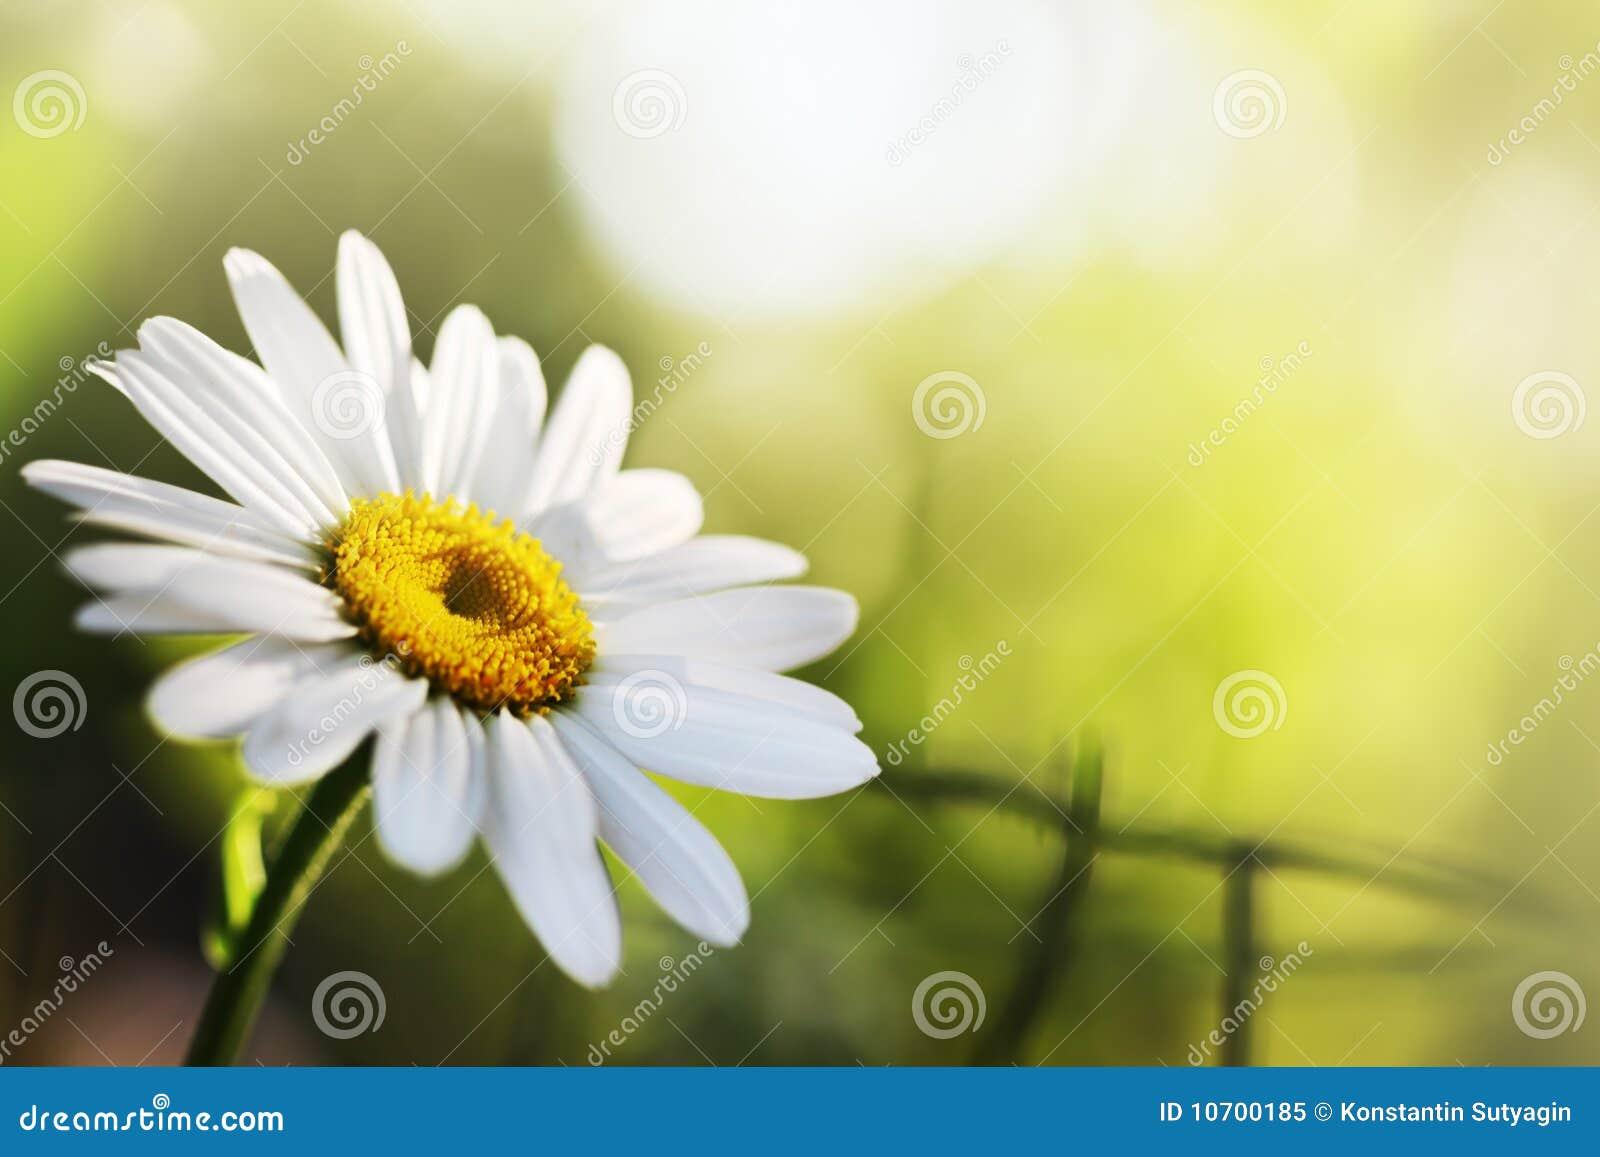 Flor bonita da margarida